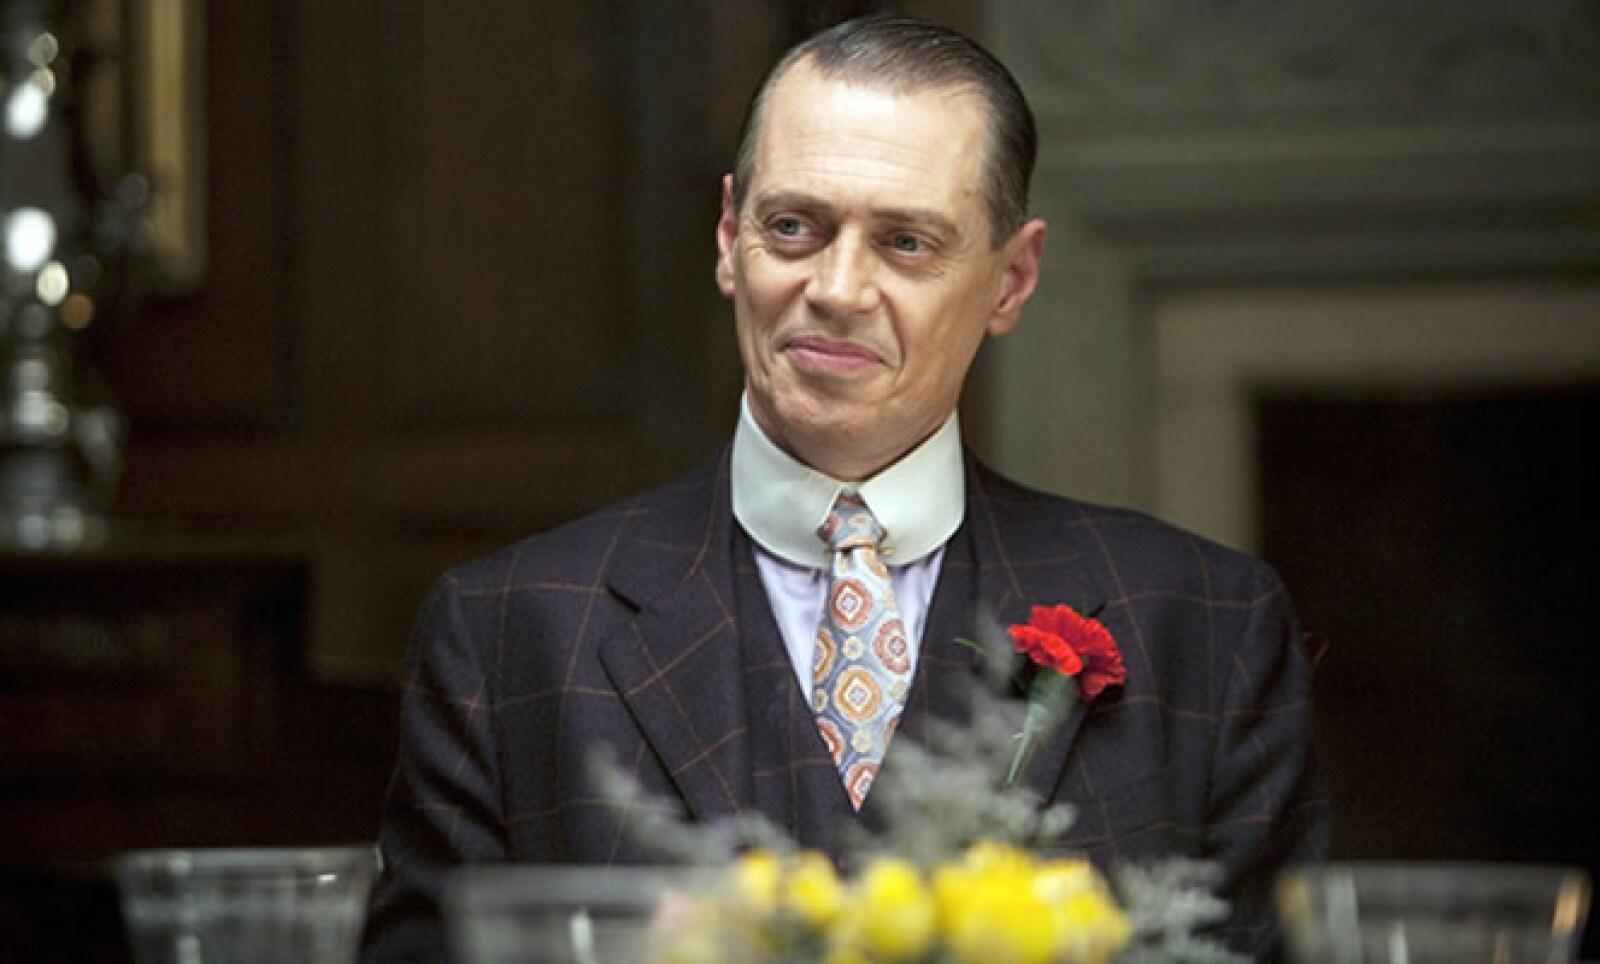 Esta serie se ubica en la década de 1920 en Estados Unidos, cuando la prohibición del alcohol fue el origen de mafiosos como Al Capone o Elliot Ness. El primer episodio tuvo un costo de 18 millones de dólares.